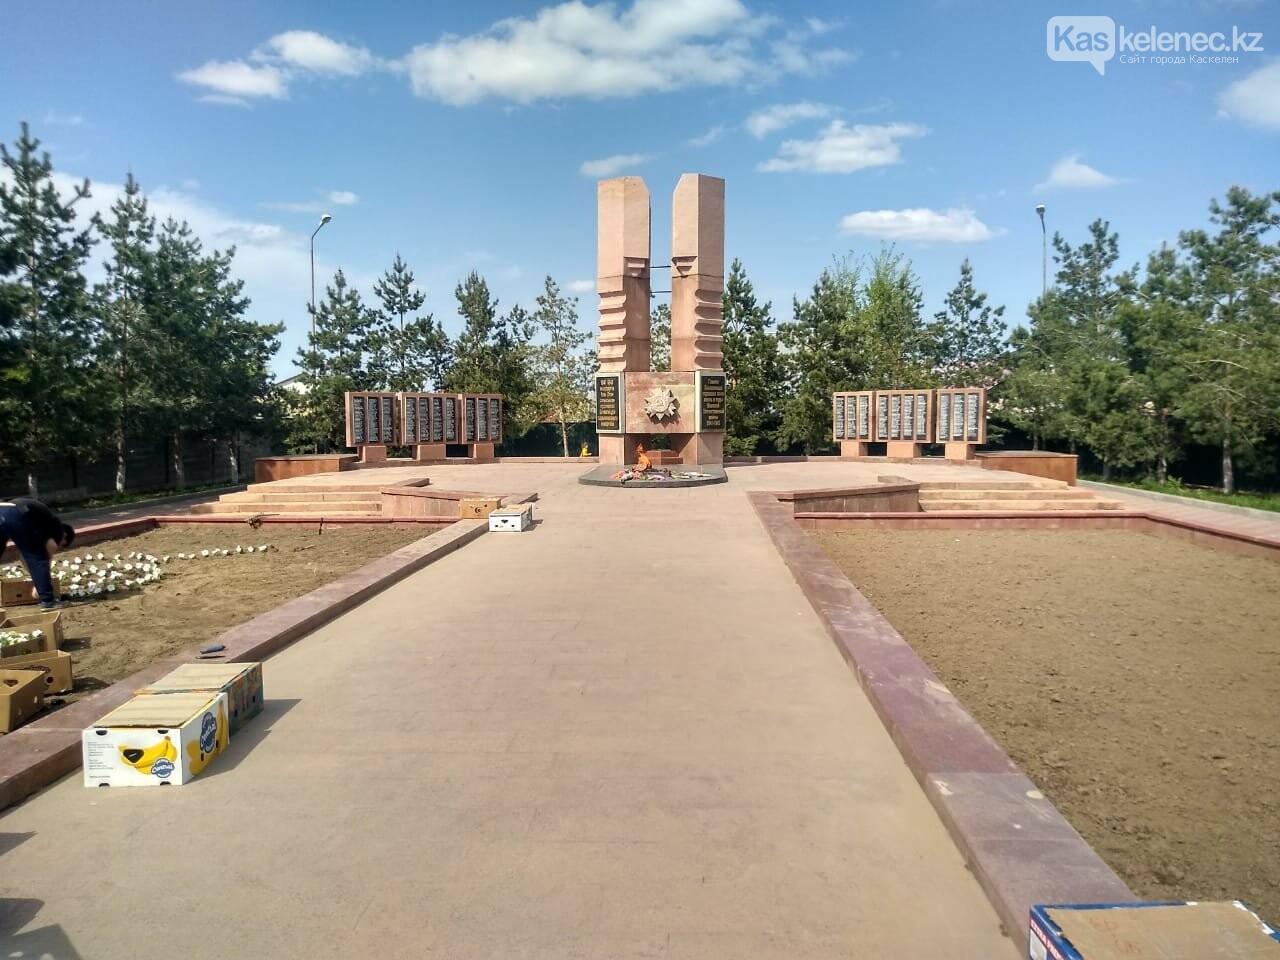 Рядом с оскверненным памятником жертвам ВОВ в Каскелене поставят охрану, фото-1